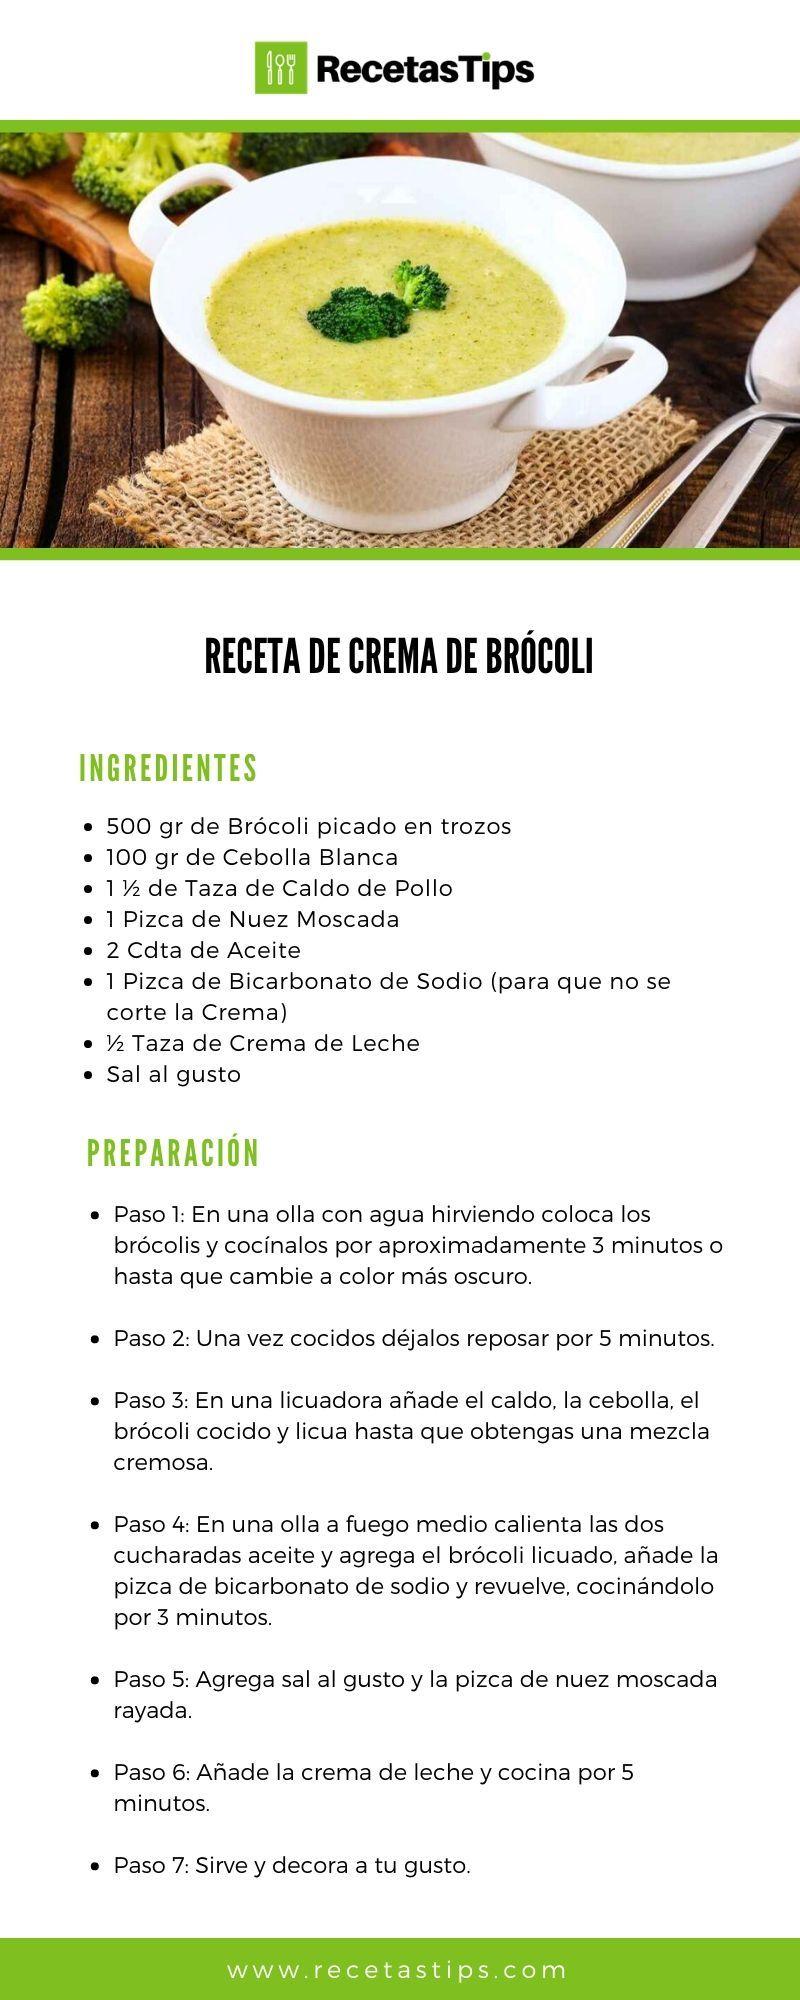 Receta De Crema De Brócoli Casera Facil Y Rapida Recetas De Comida Fáciles Recetas De Comida Crema De Brocoli Receta